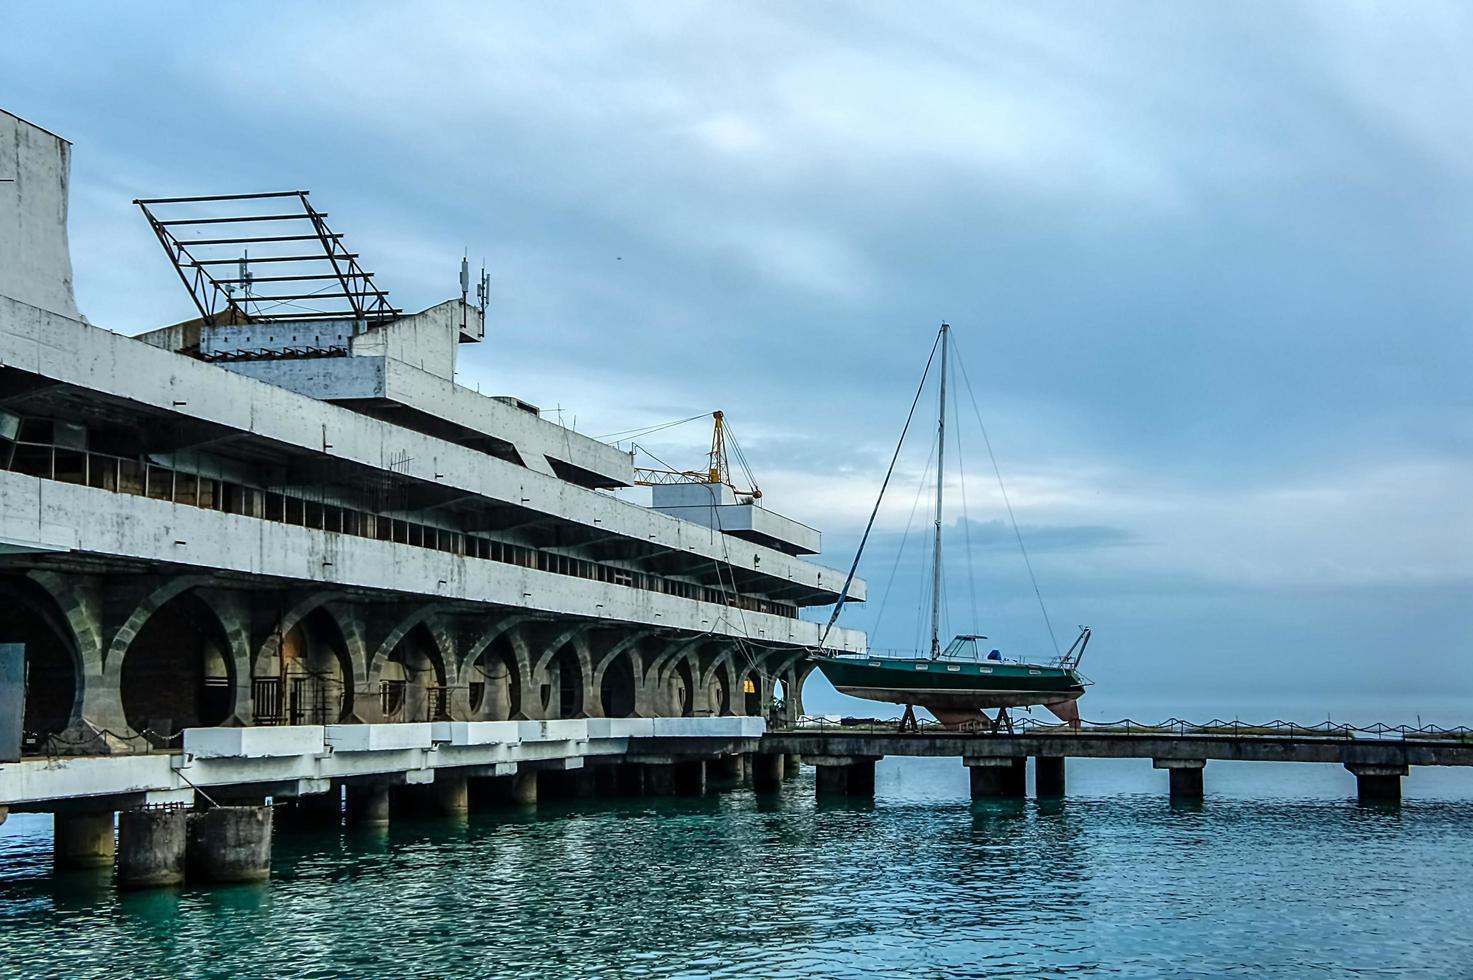 estación marítima en sujumi, abjasia. foto